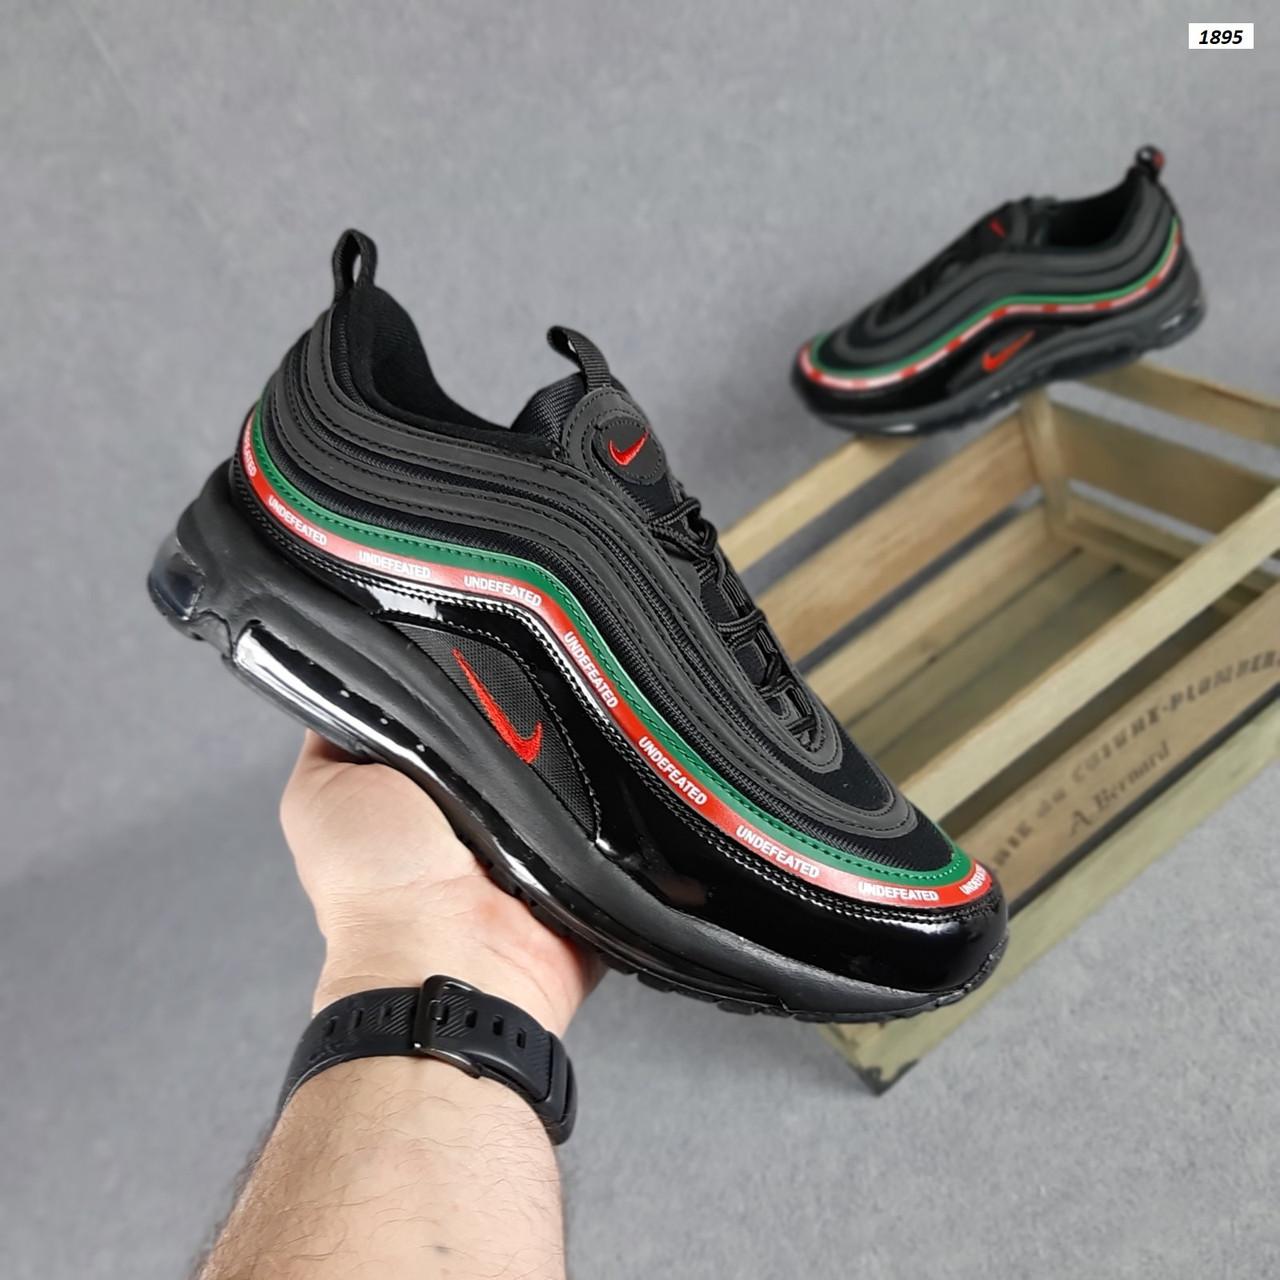 Кроссовки мужские распродажа АКЦИЯ 650 грн Nike 41(26.5см) последние размеры люкс копия